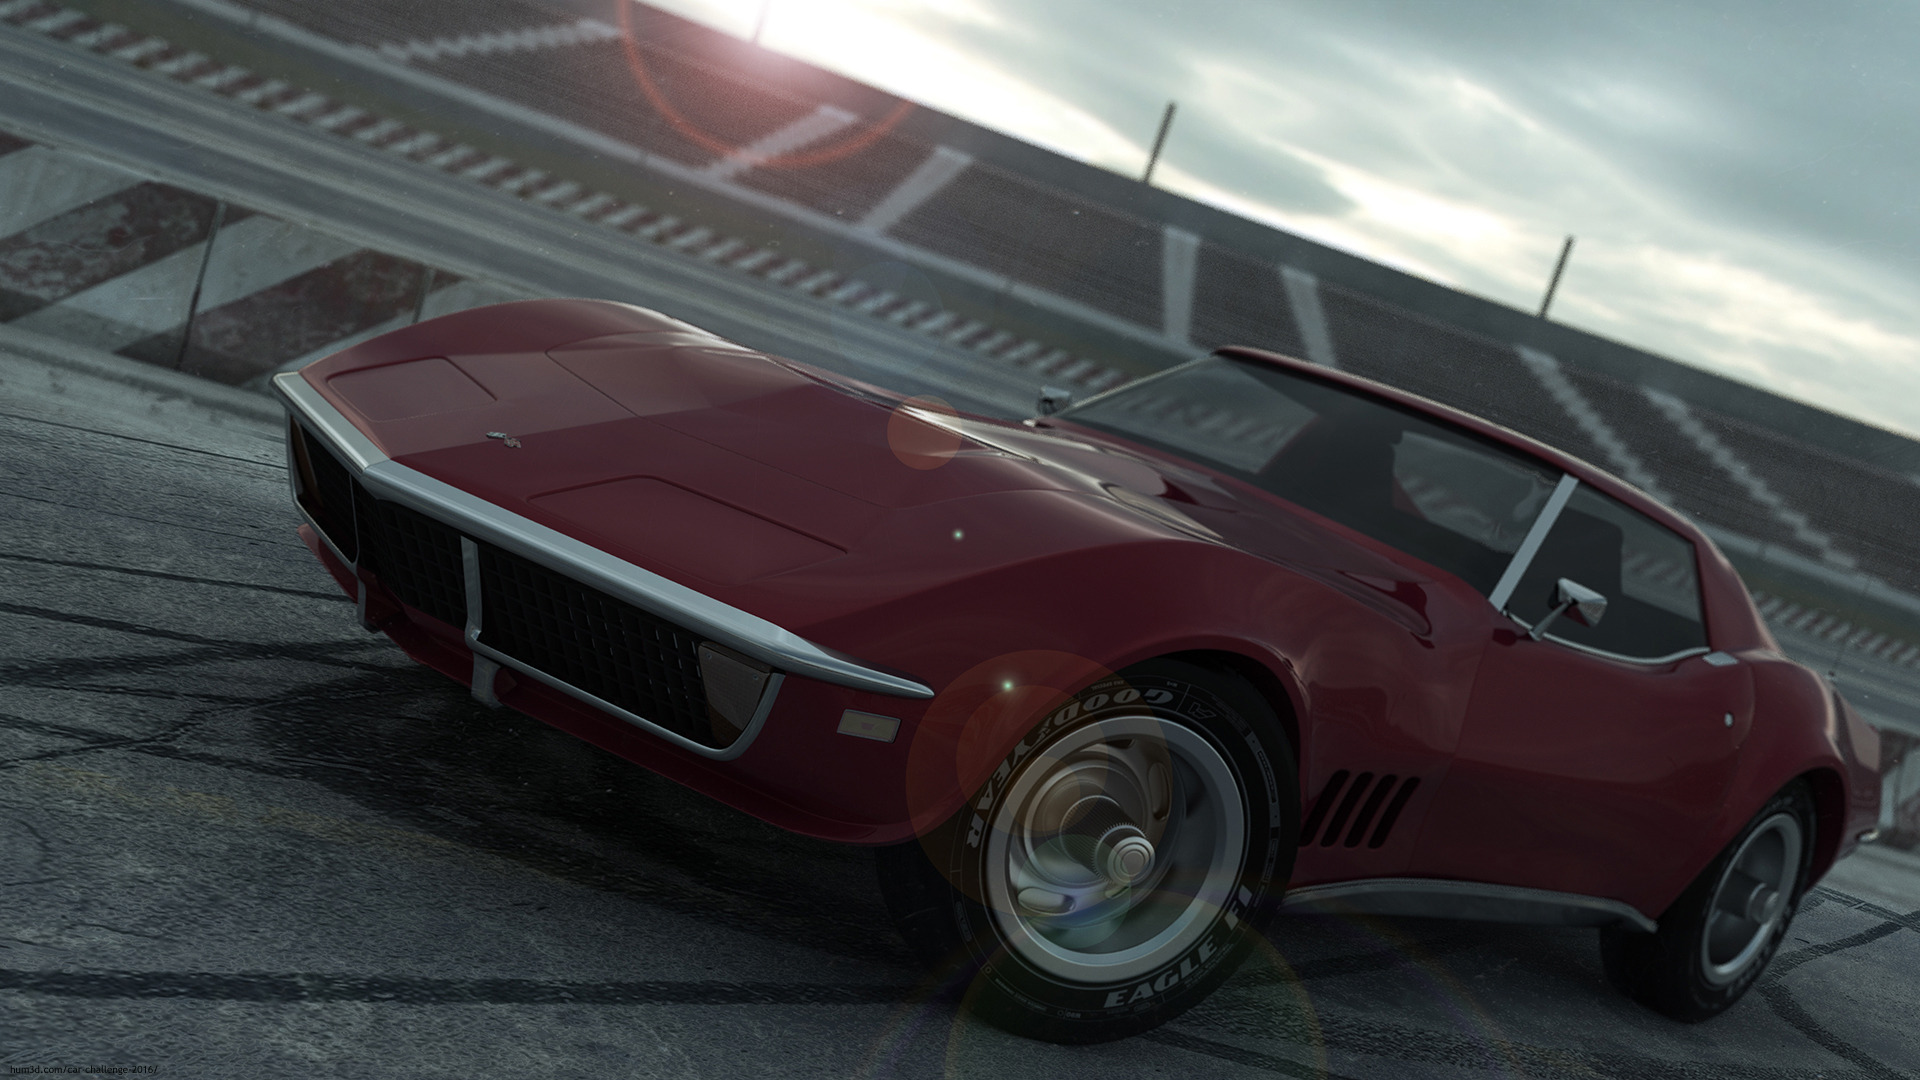 Chevrolet Corvette 1968 3d art